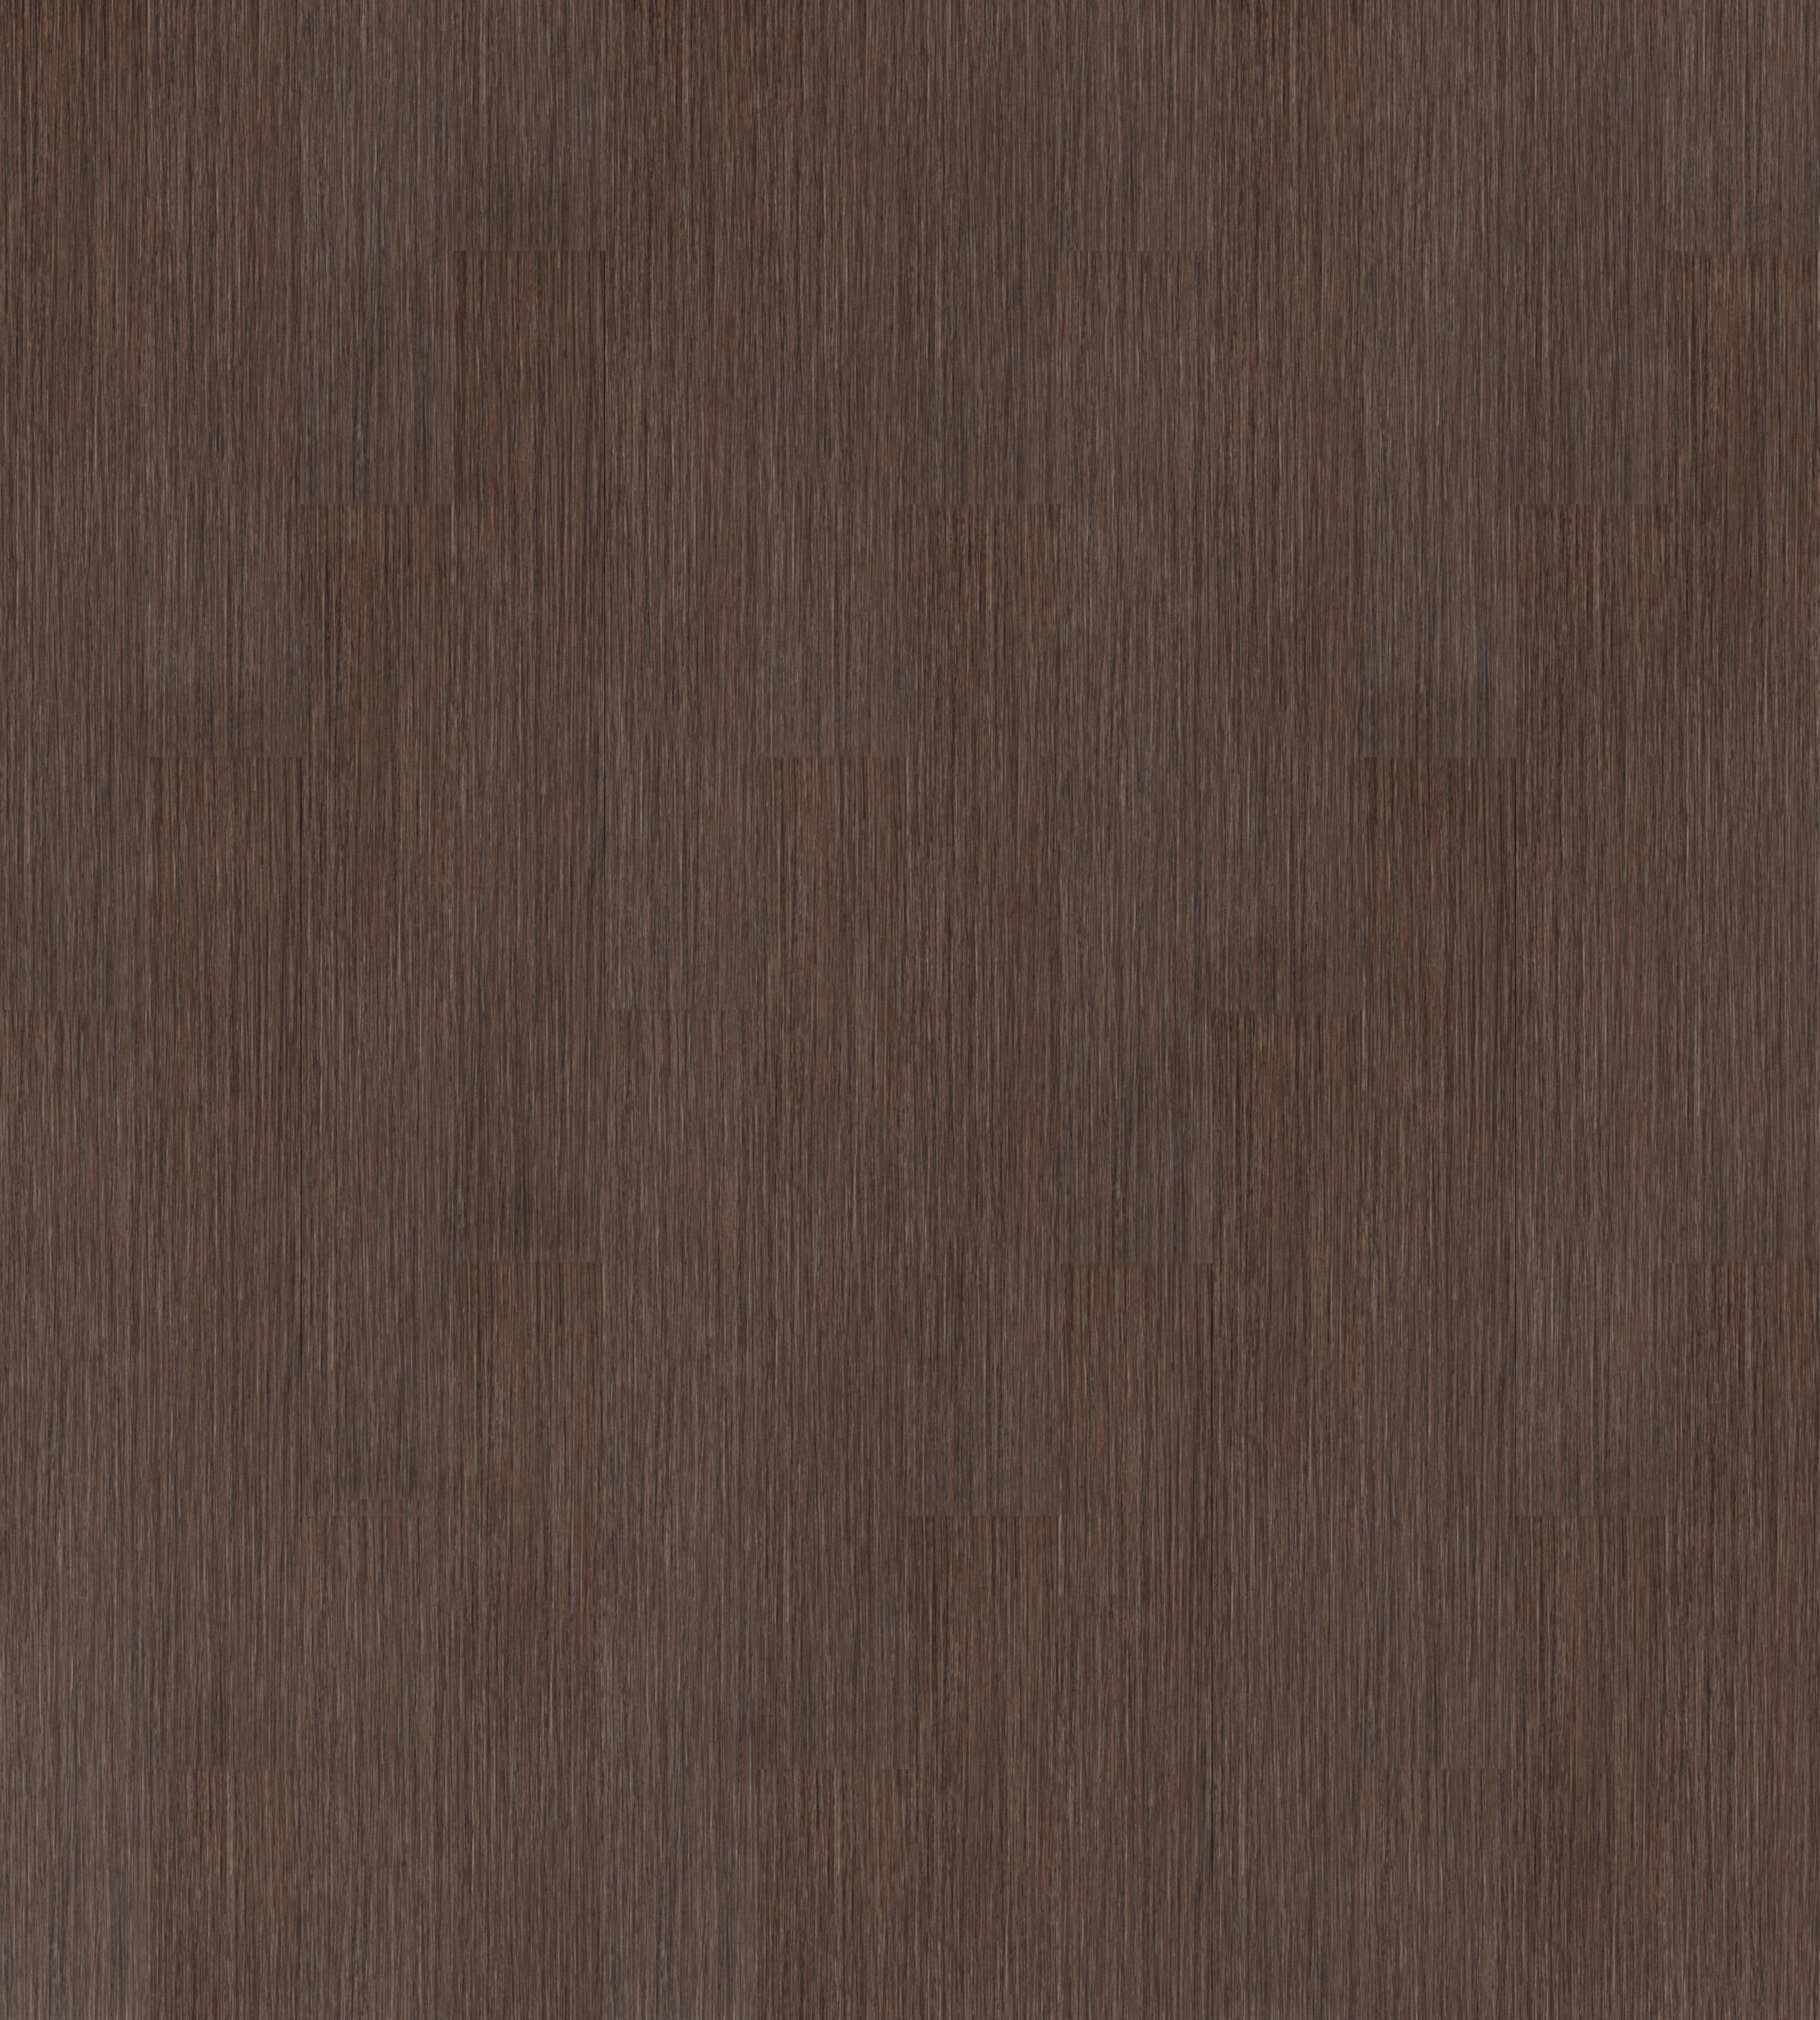 Allura_Wood-w61257_timber_seagrass-1